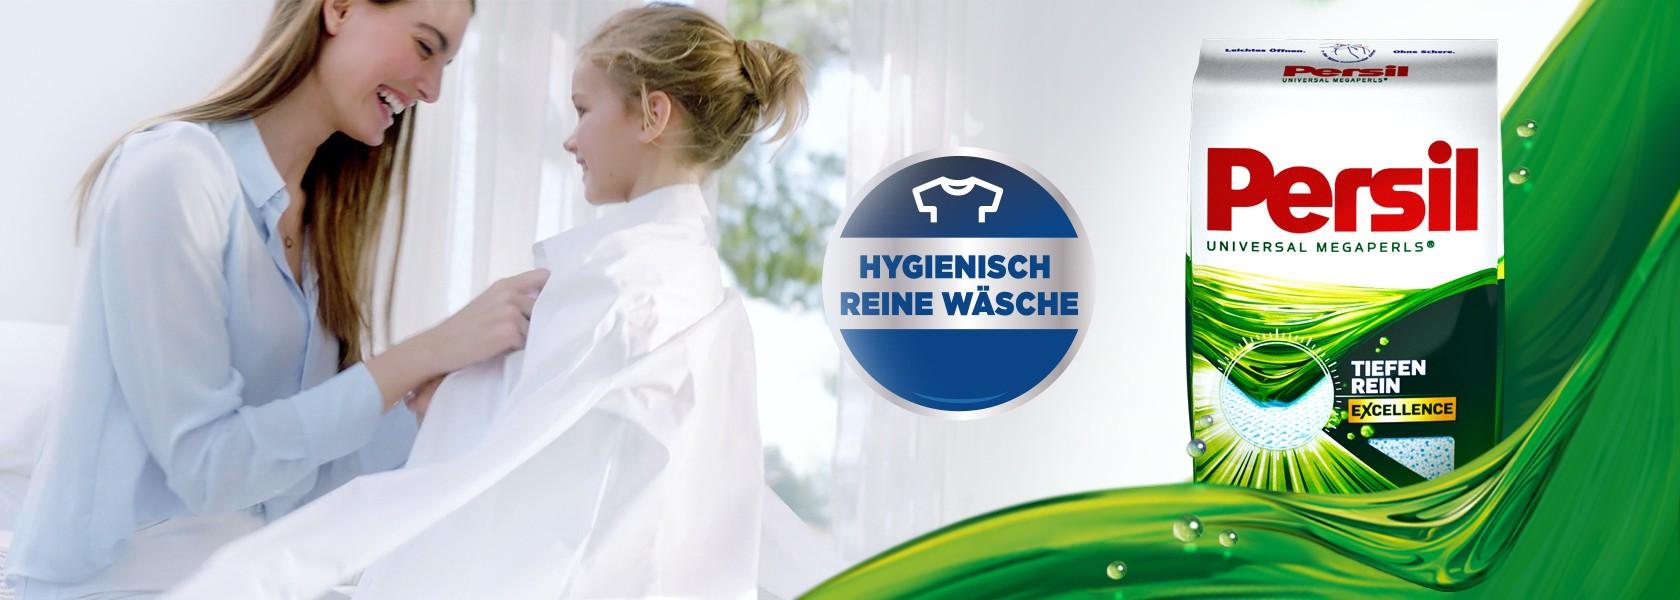 """Ein """"hygienisch reine Wäsche"""" Siegel."""